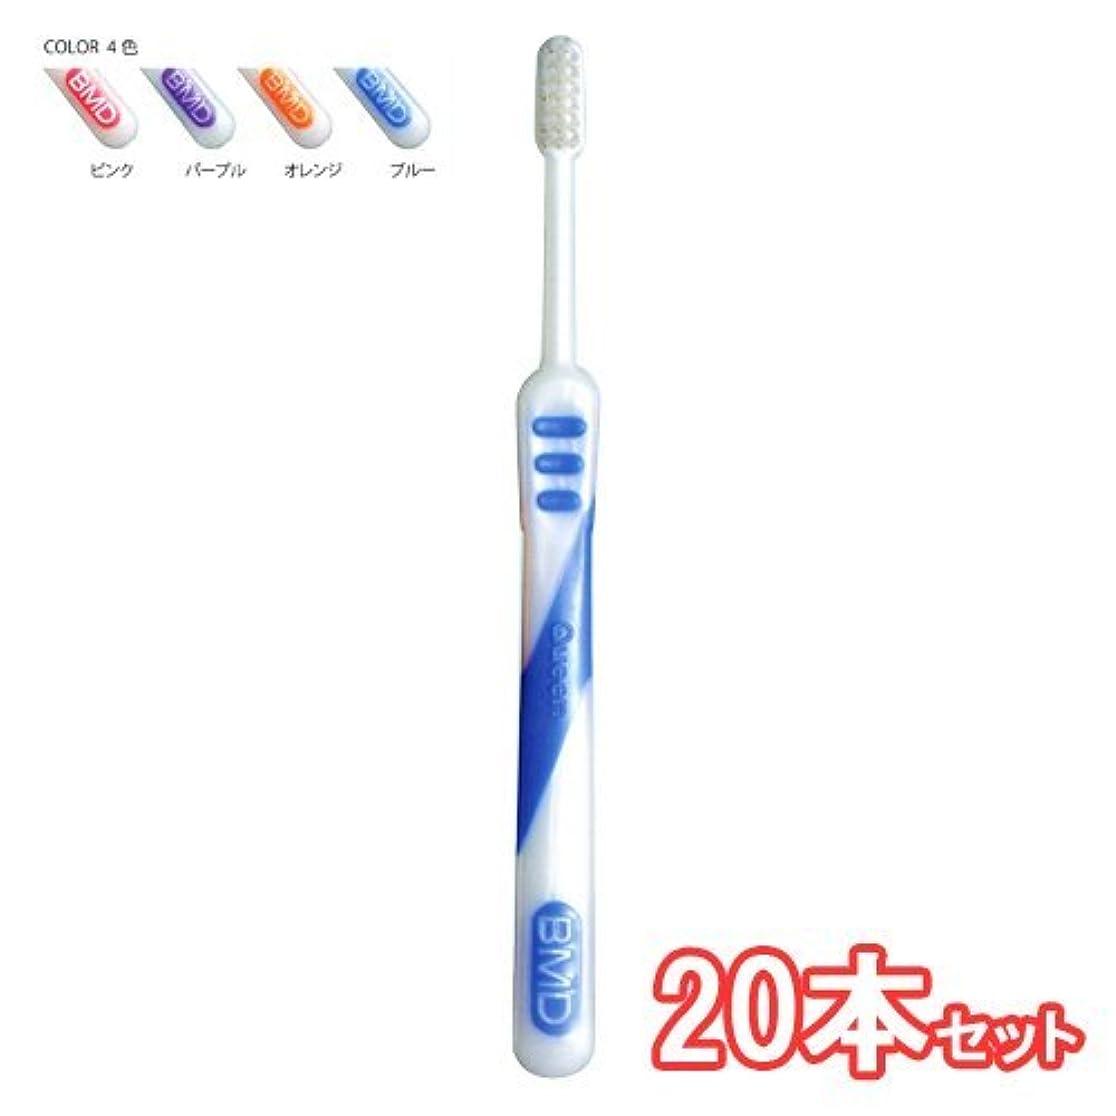 翻訳する櫛バックアップビーブランド ビークイーン 歯ブラシ 20本入 105